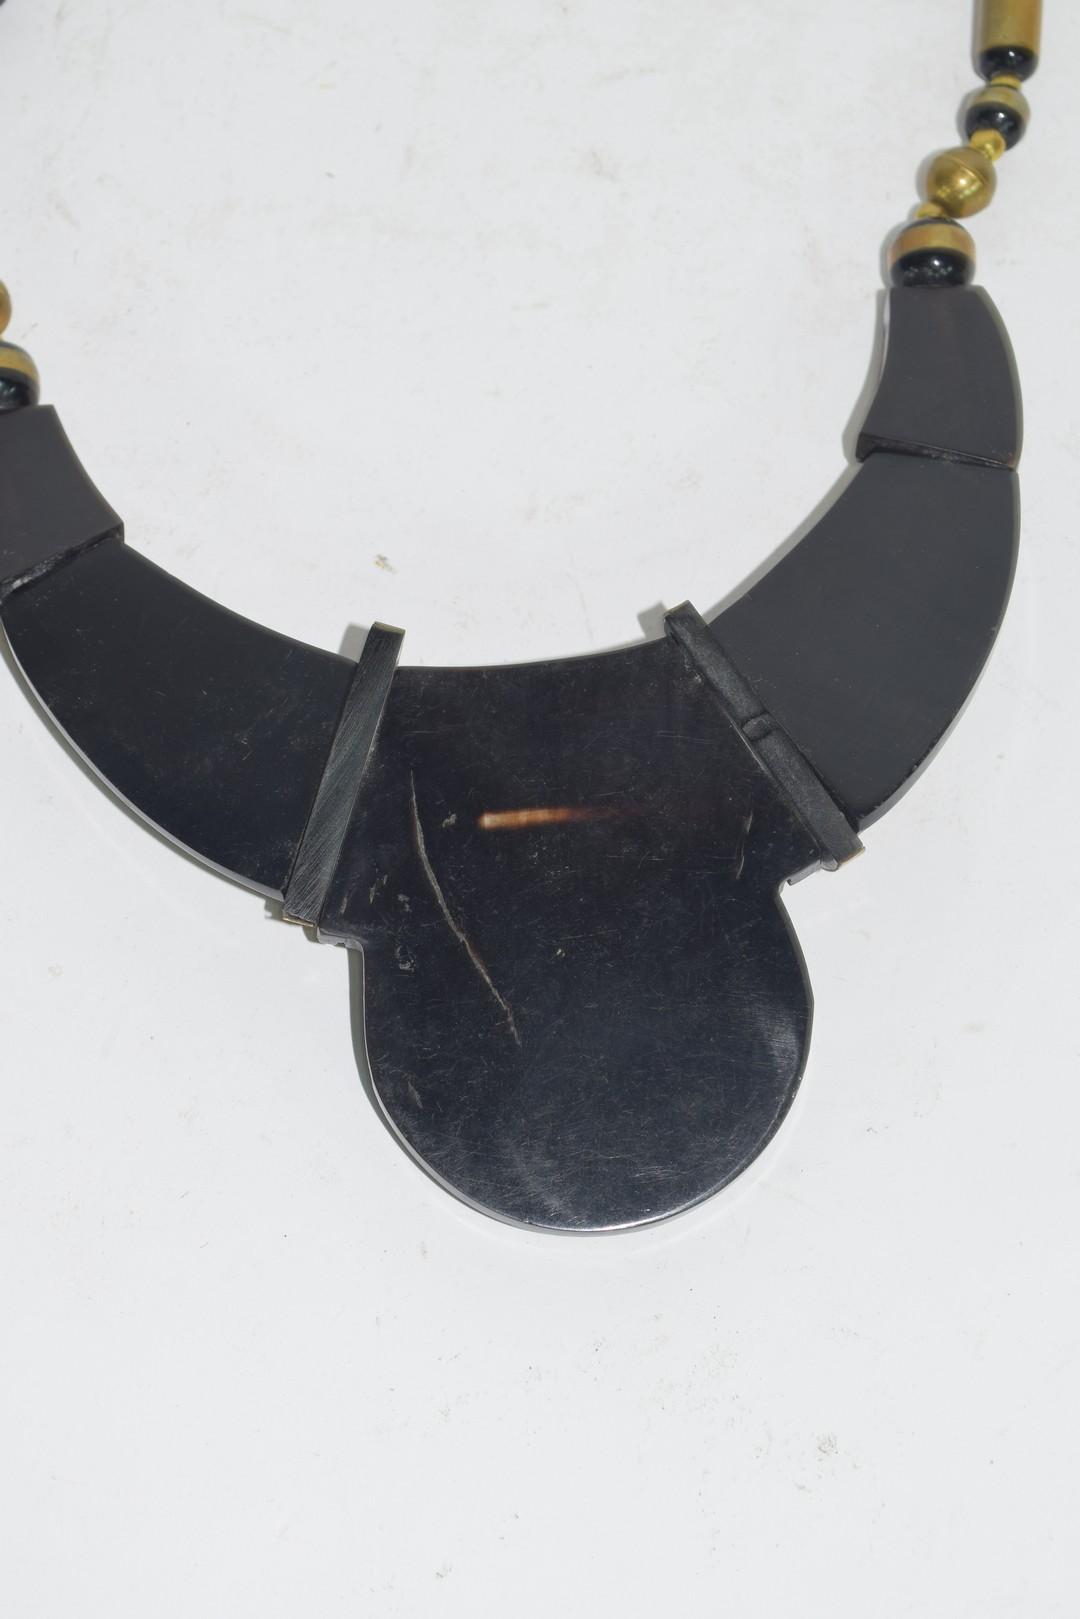 Tortoiseshell style Art Deco necklace - Image 3 of 3